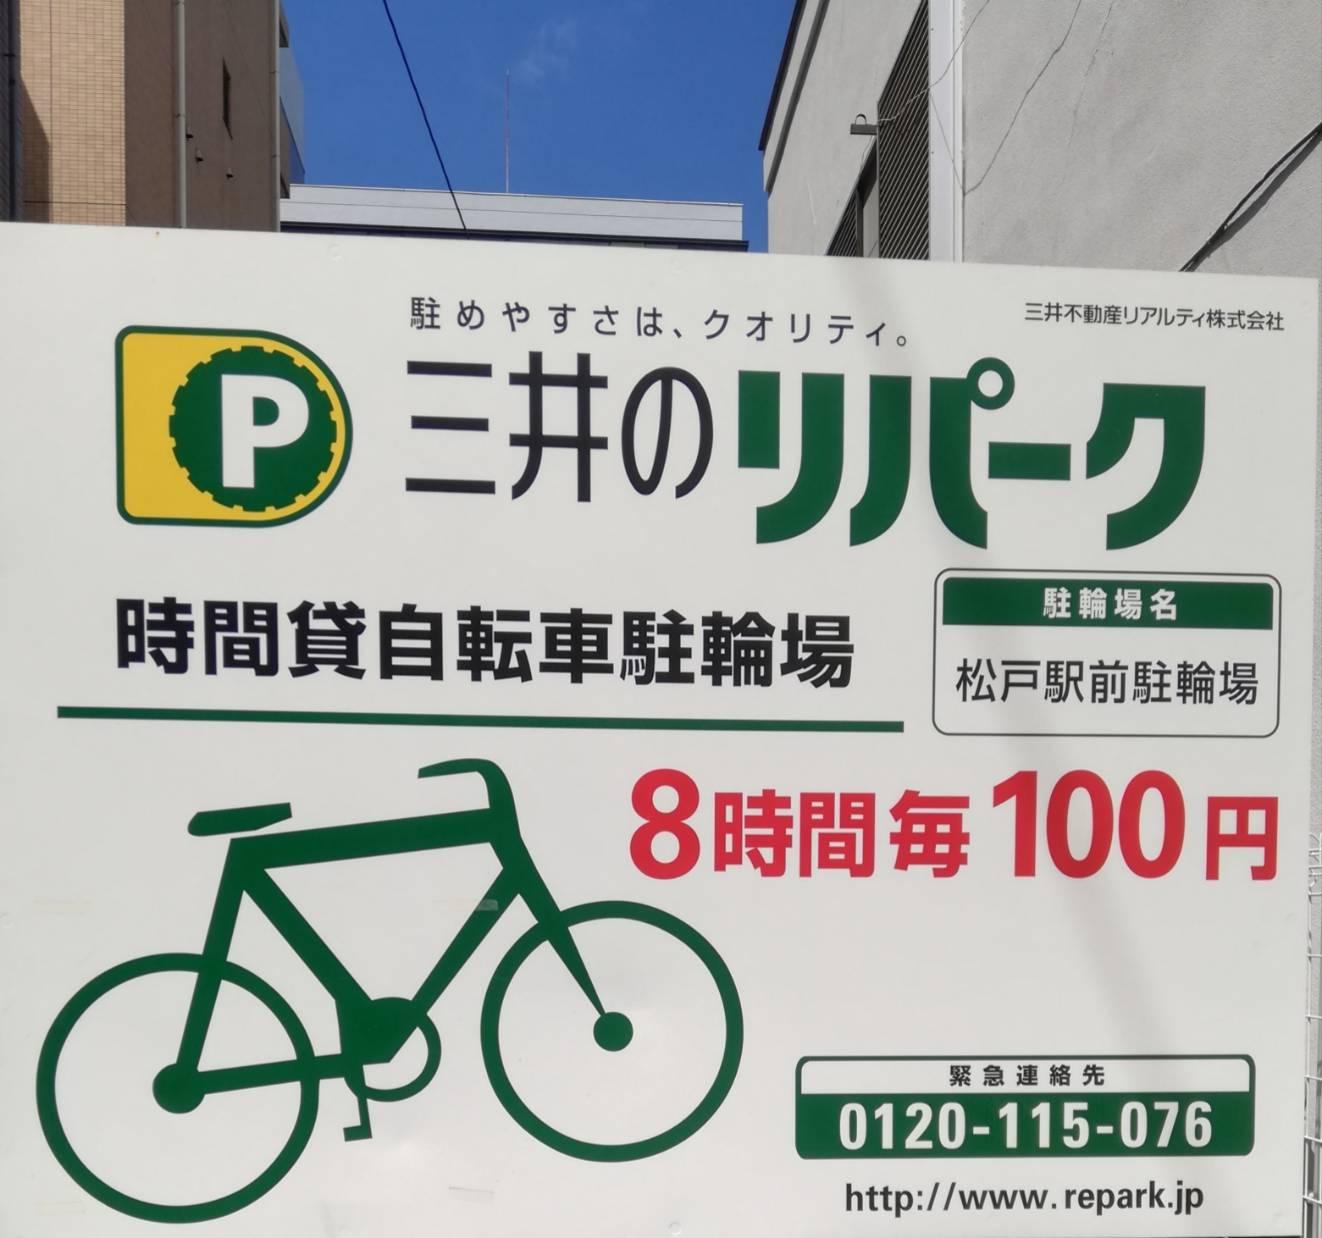 松戸駅前自転車駐輪場三井のリパーク